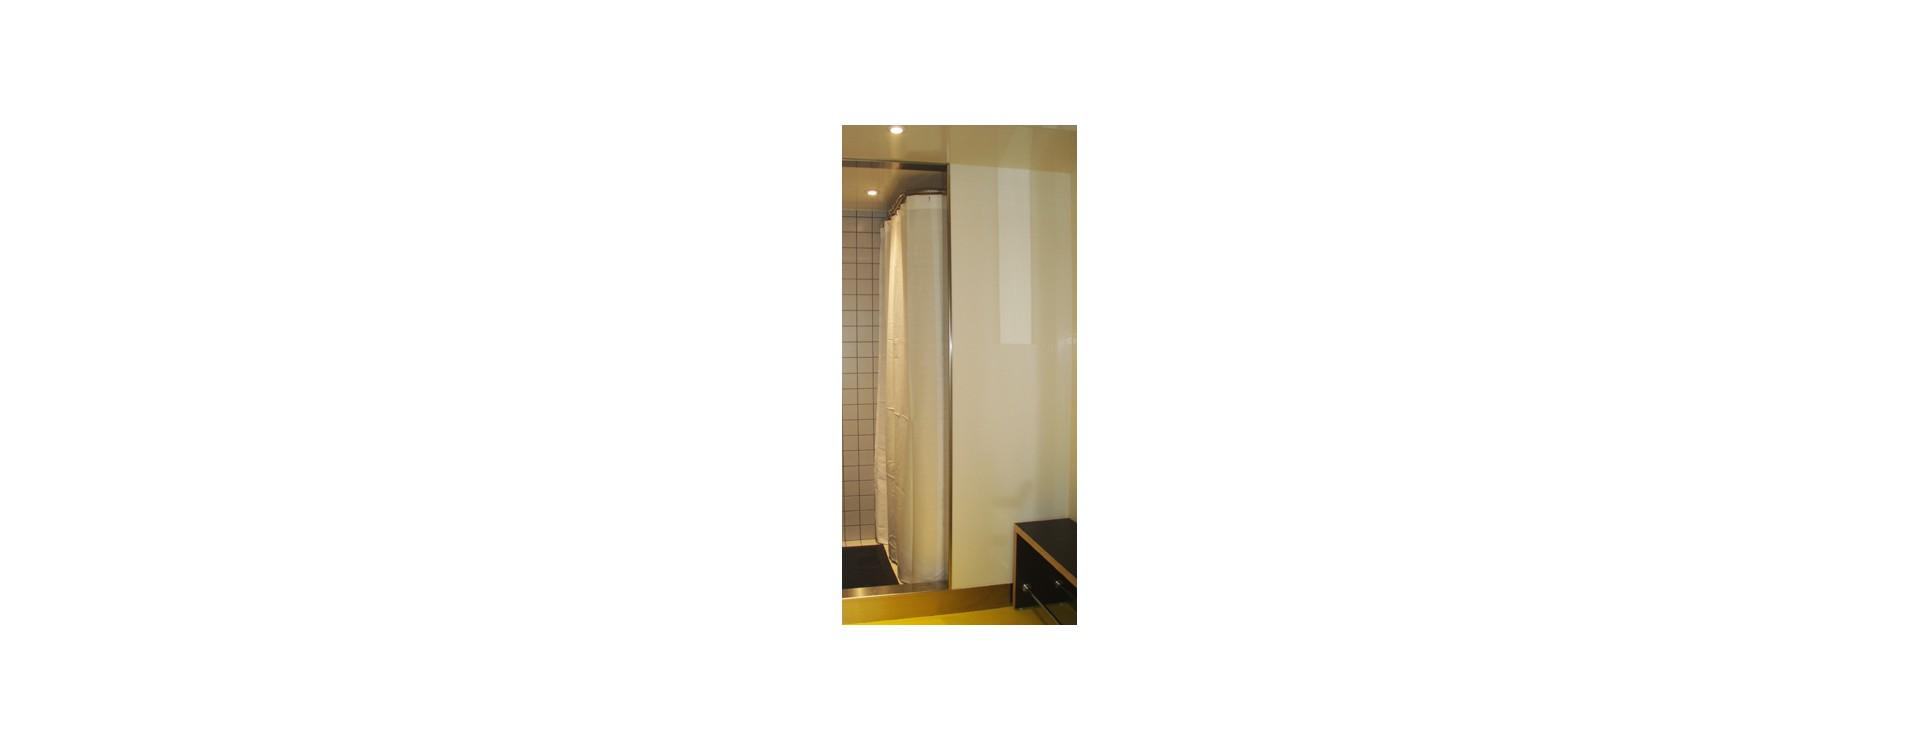 cabine-douche-mon-stade-en-L-rideau-douche